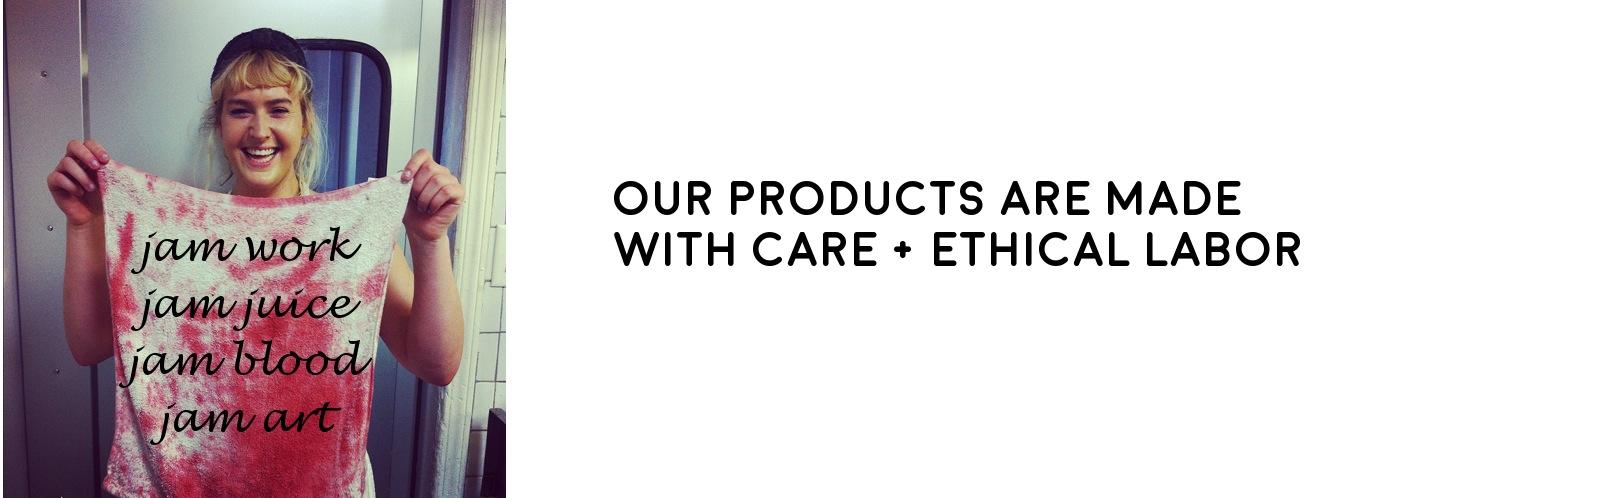 website B slide ethical labor.jpg